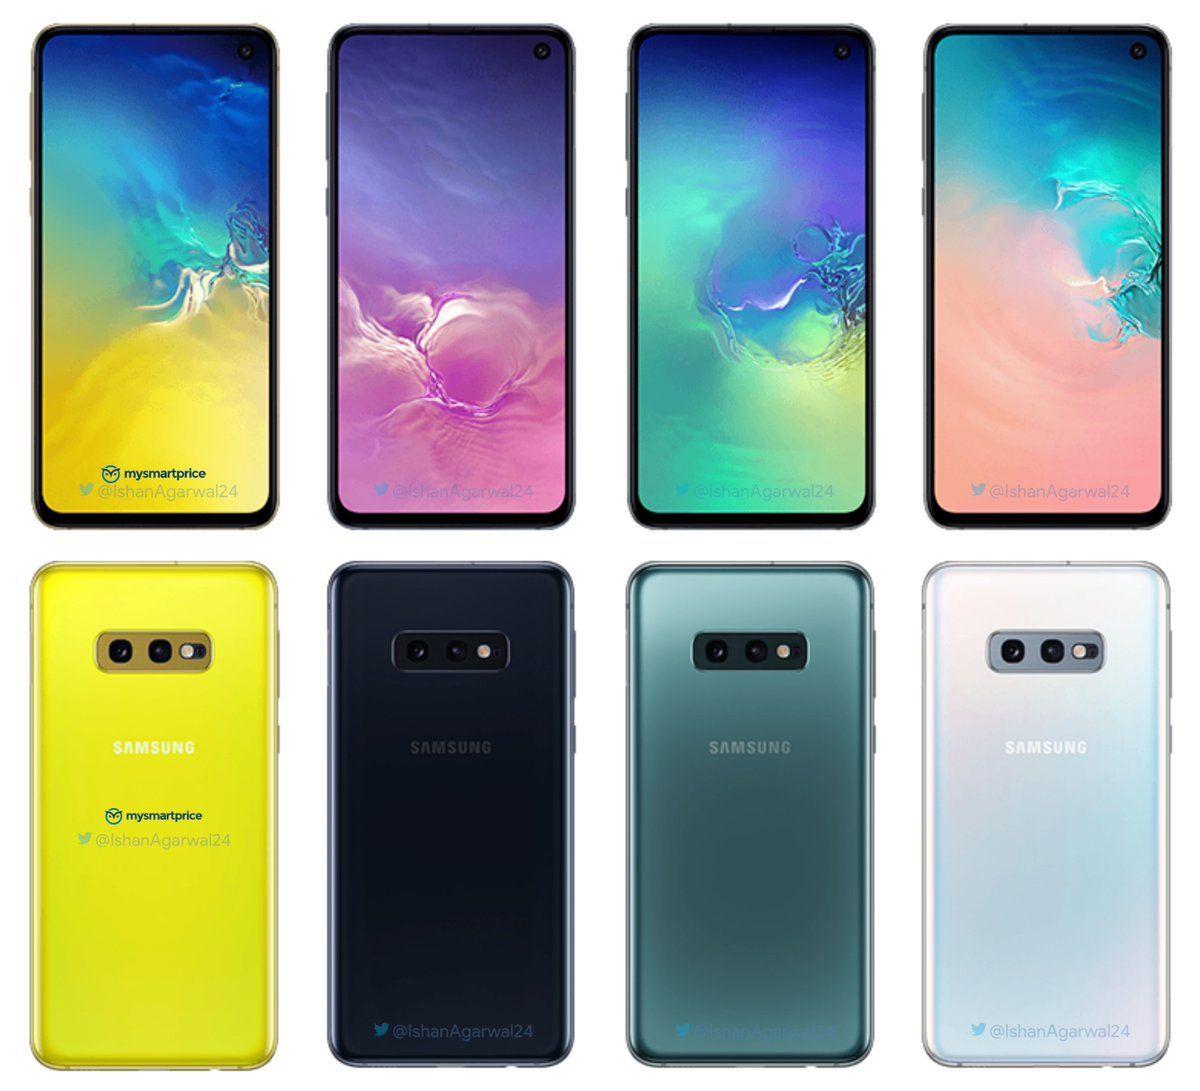 Samsung Galaxy S10e z X-Kom. Oficjalna, polska dystrybucja, każdy kolor. (możliwe 2349 zł)